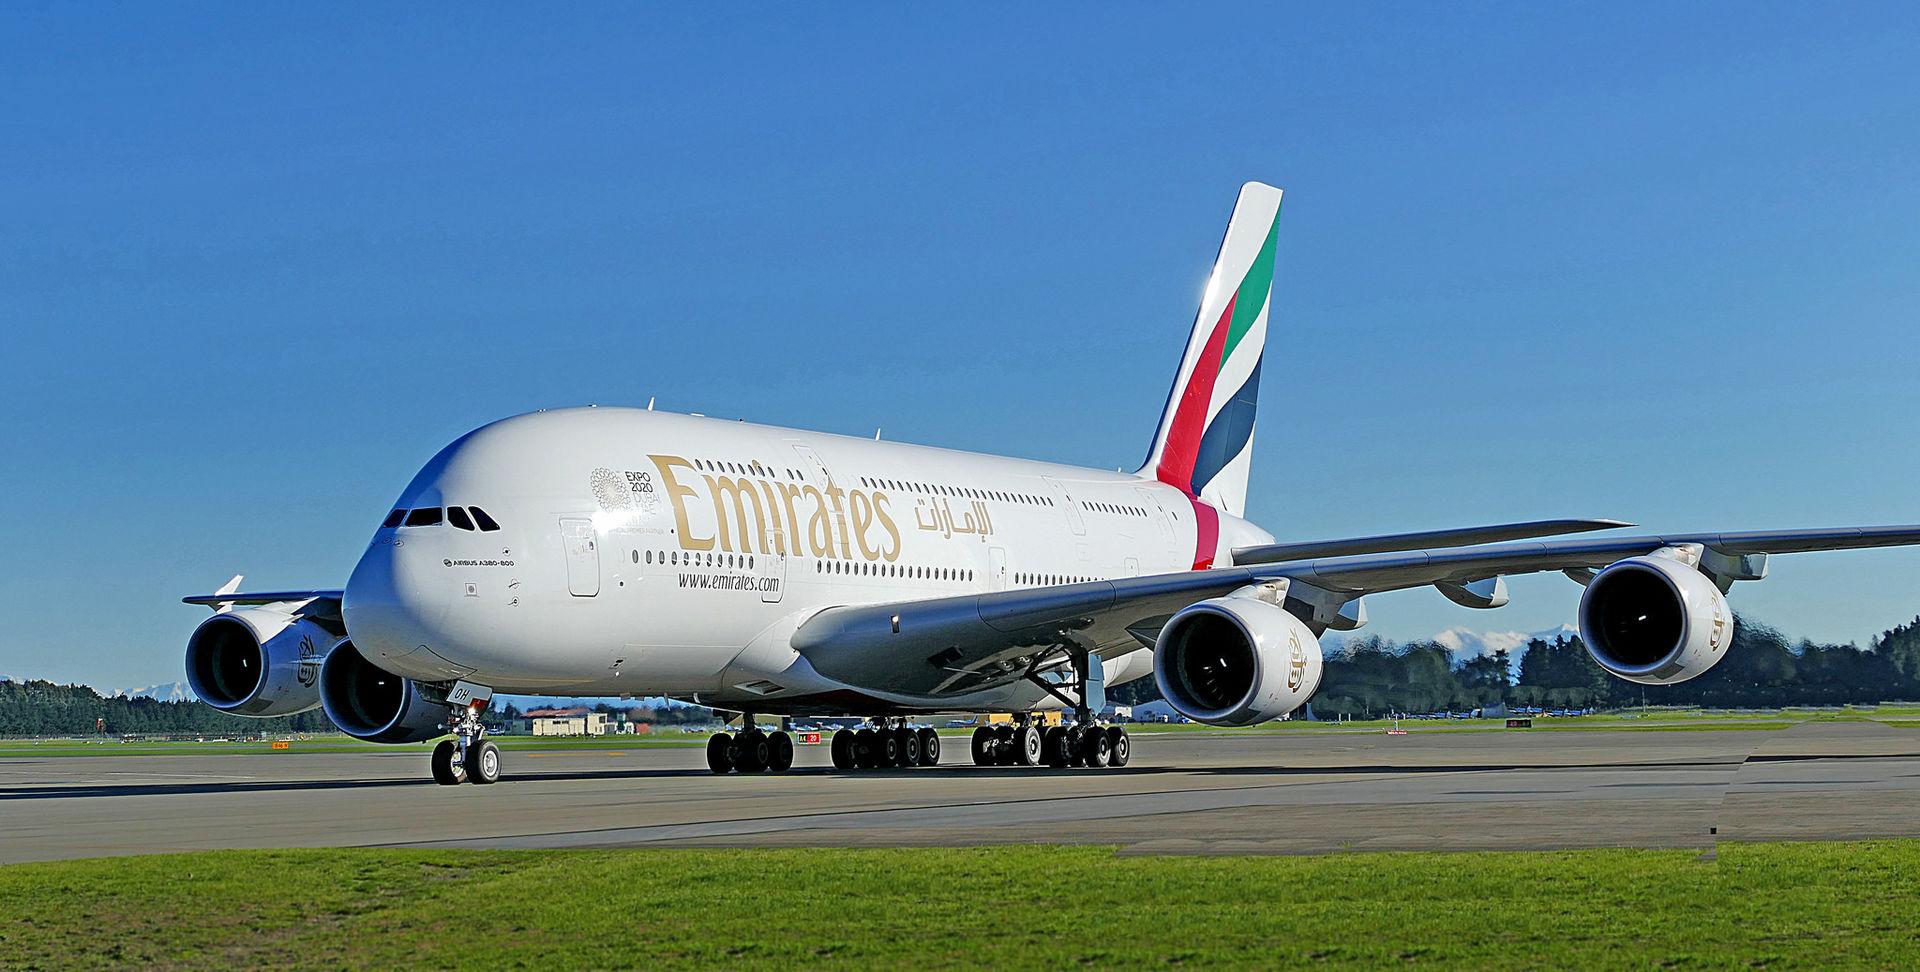 Hejdå Airbus A380